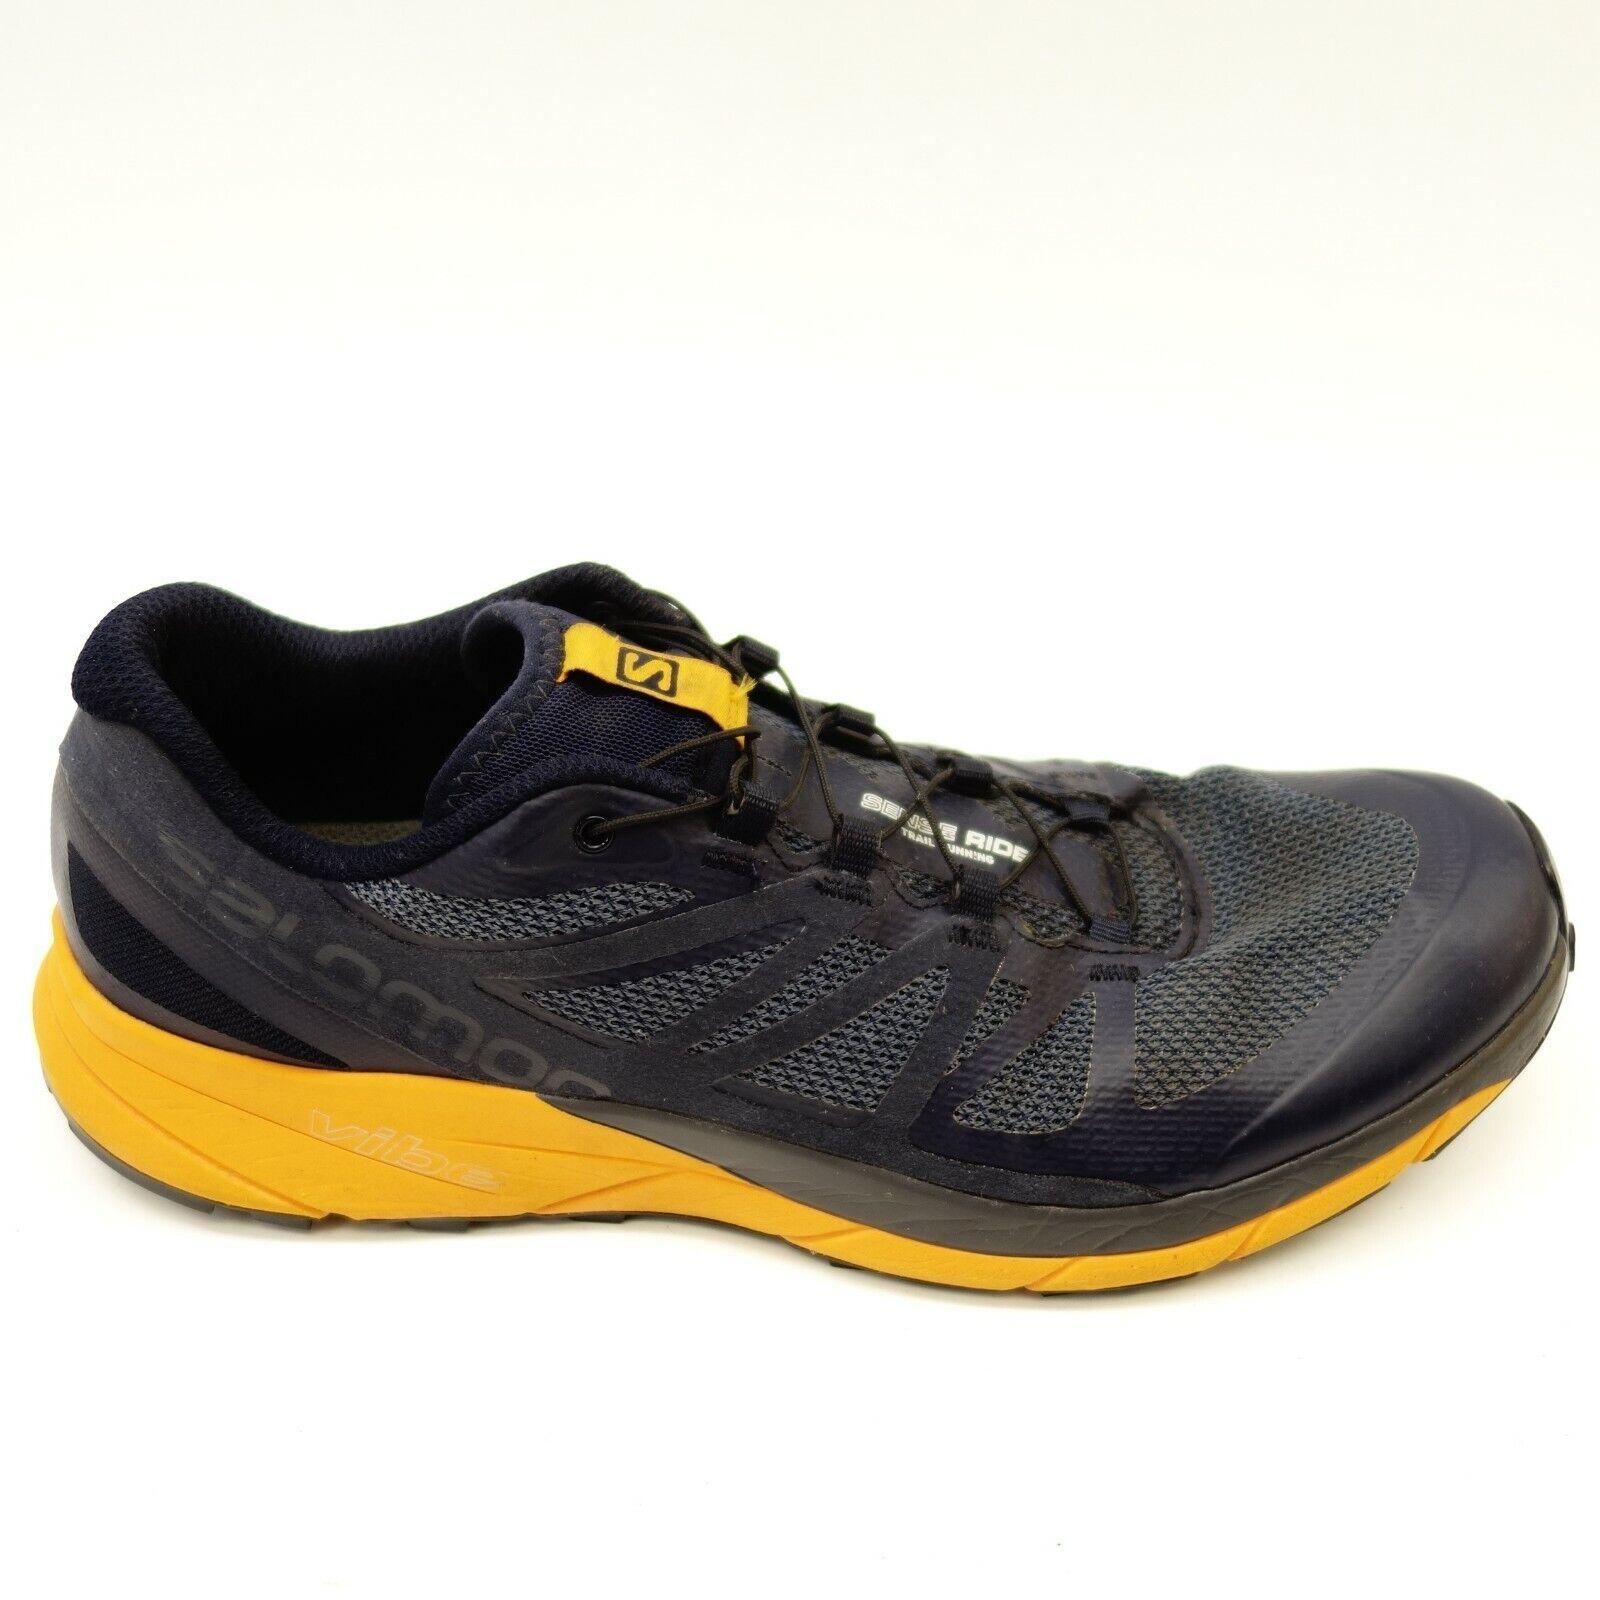 Salomon Mens Dimensione 11.5 Sense Ride blu Athletic Hiking Mountain  Running scarpe  garanzia di credito